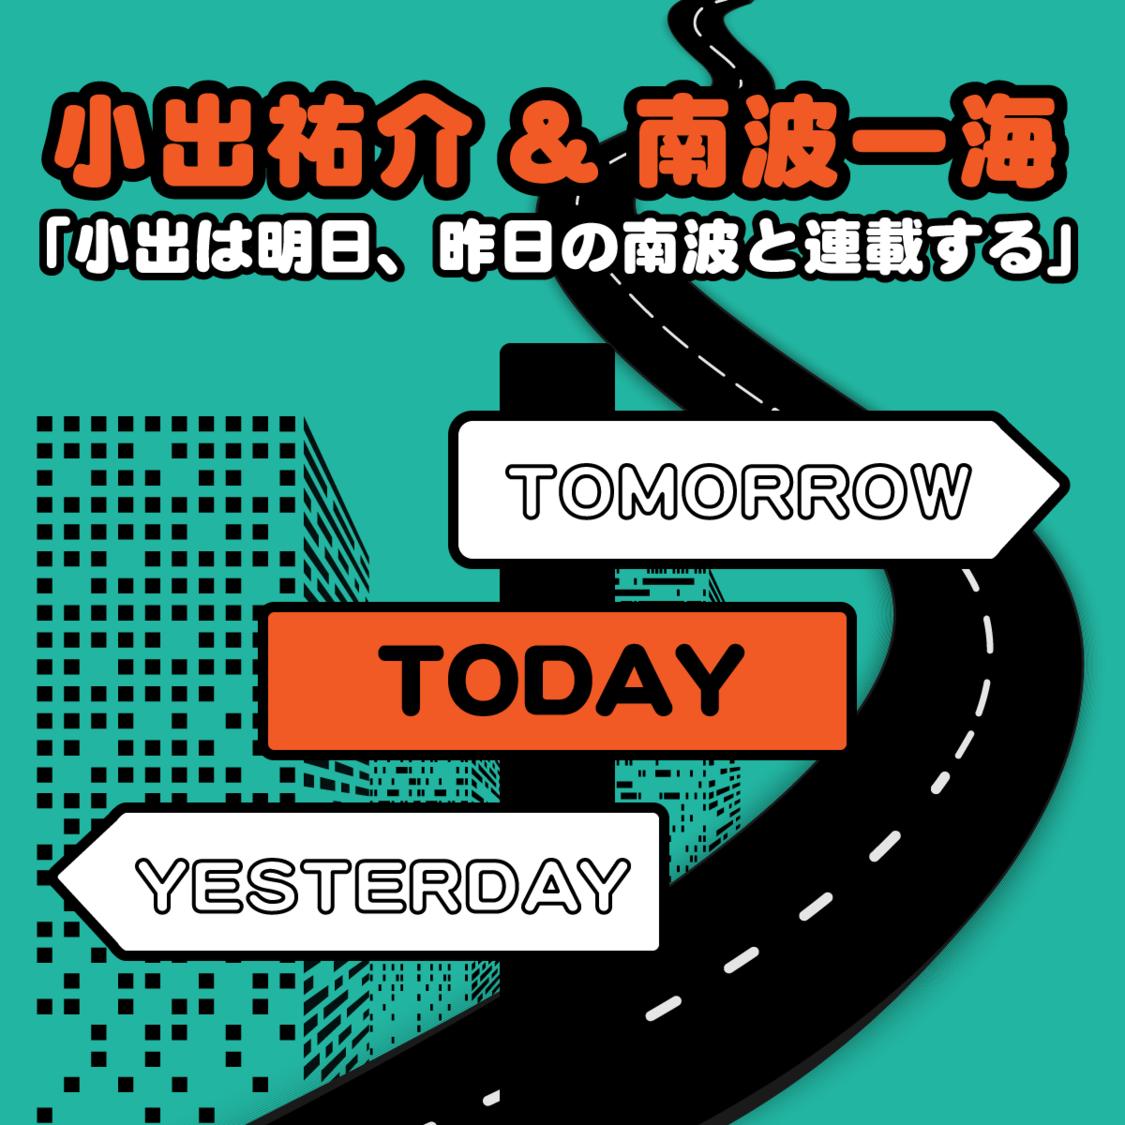 第7回:バニラビーンズ〜小出祐介&南波一海「小出は明日、昨日の南波と連載する」〜